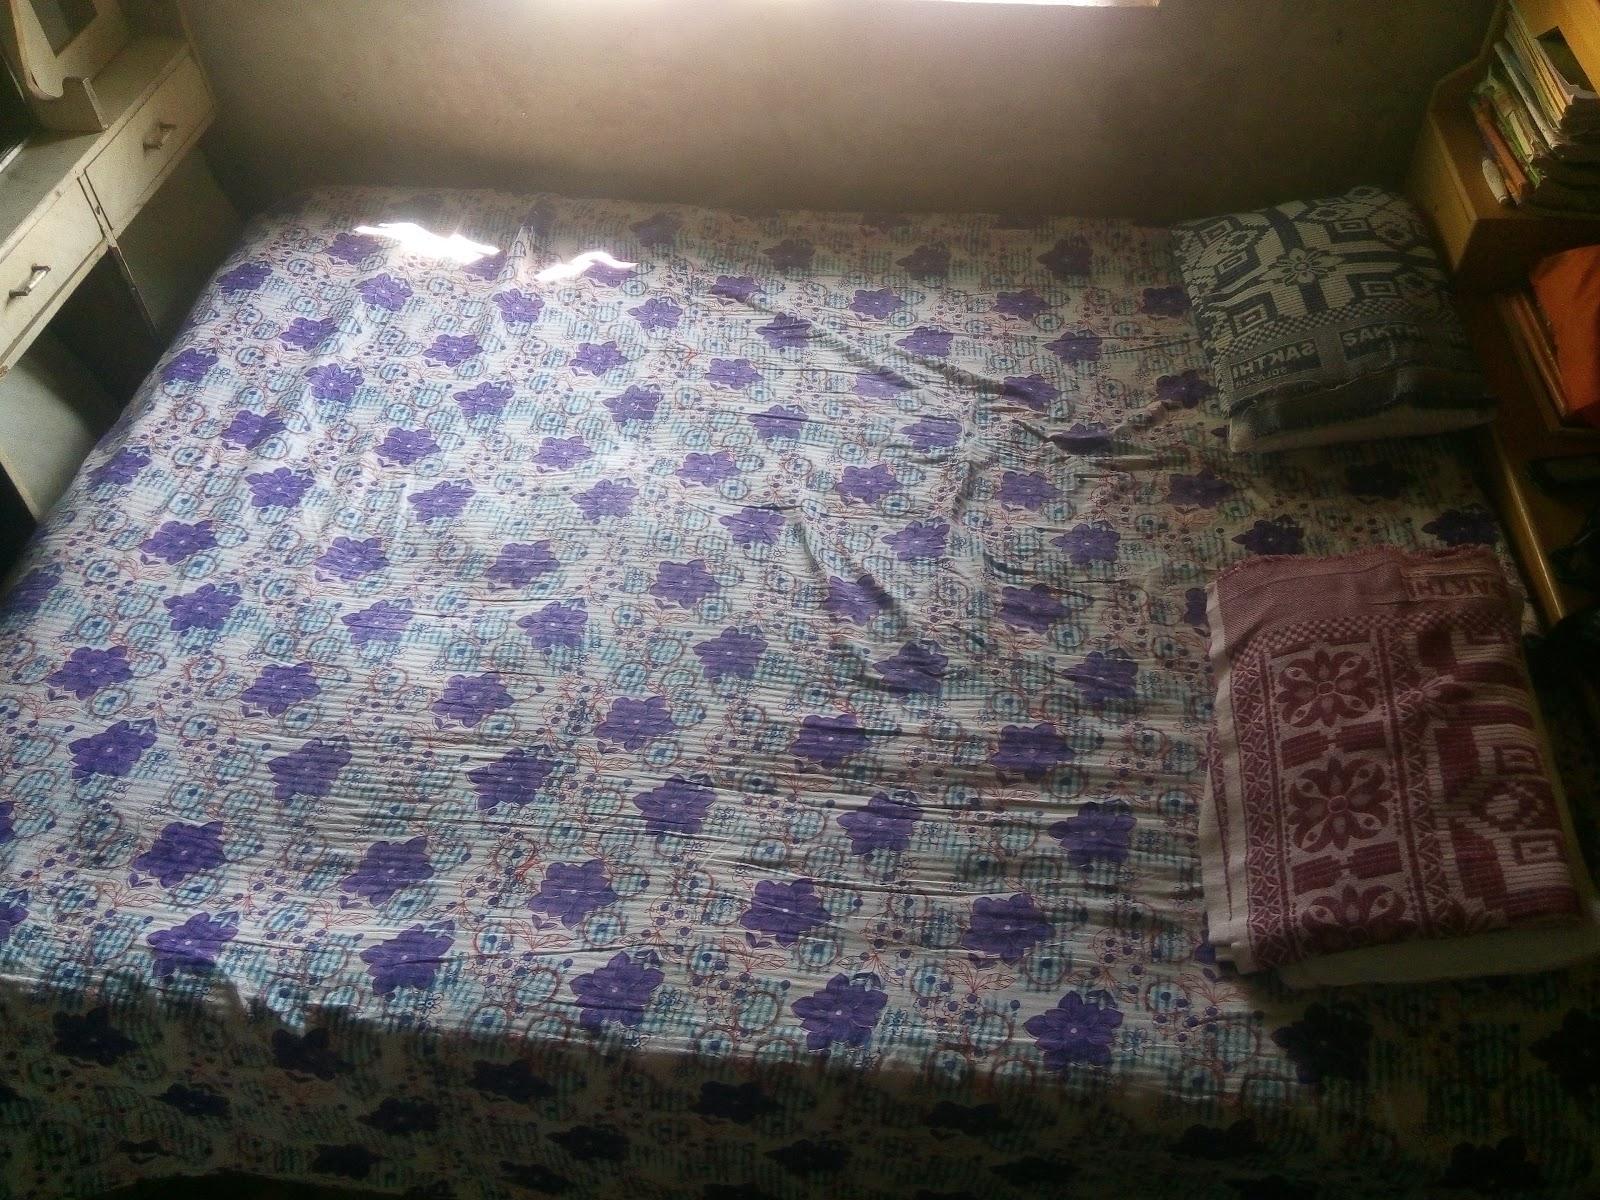 काकांच्या घरातील आमची झोपेची व्यवस्था